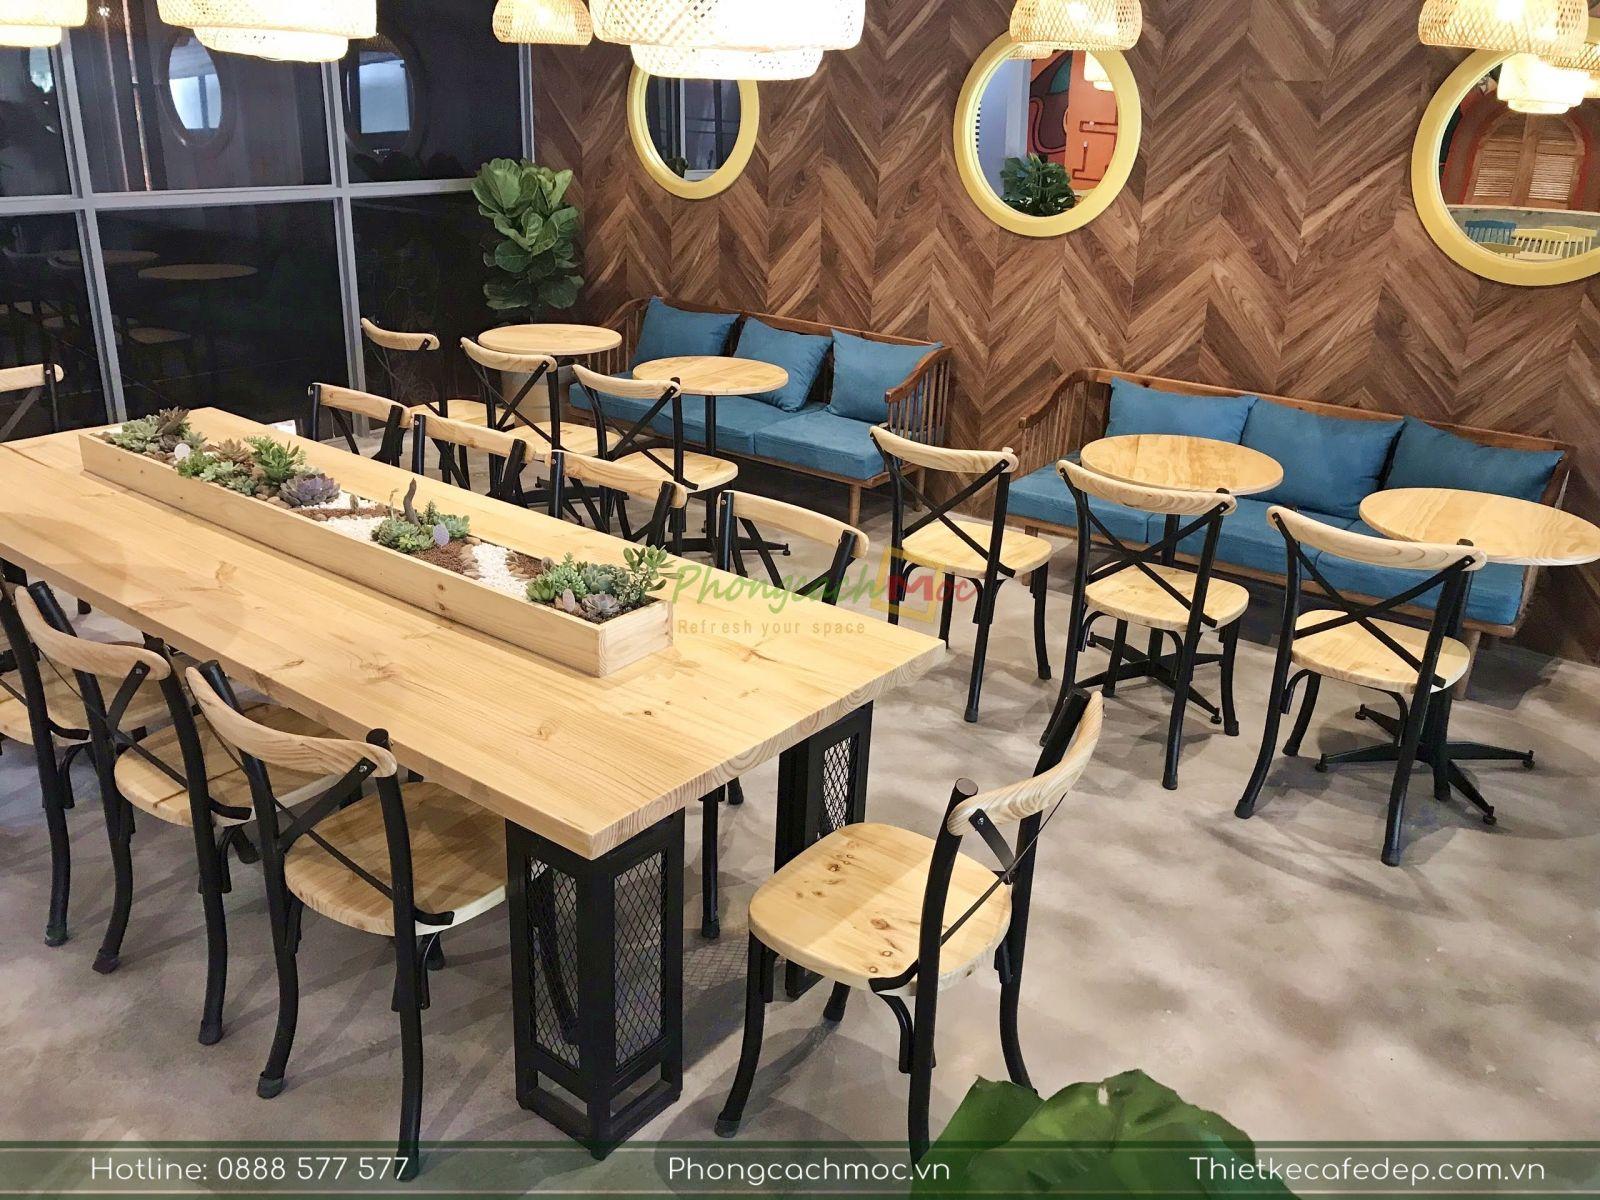 bộ bàn nhóm kết hợp ghế bistro cao cấp tại samhouse